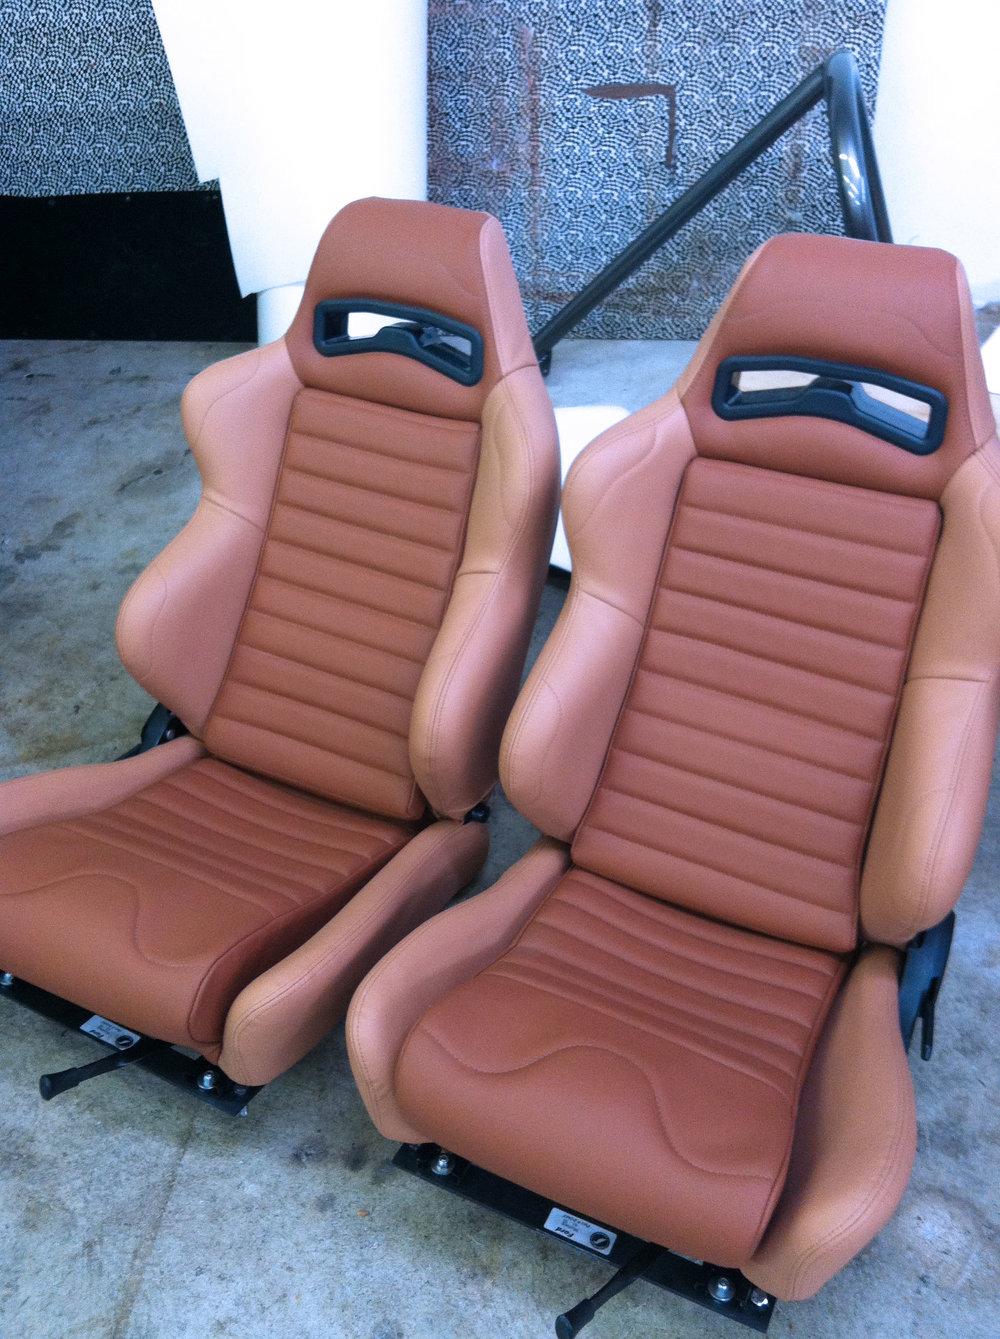 Custom Racing Seats - Tan Leather